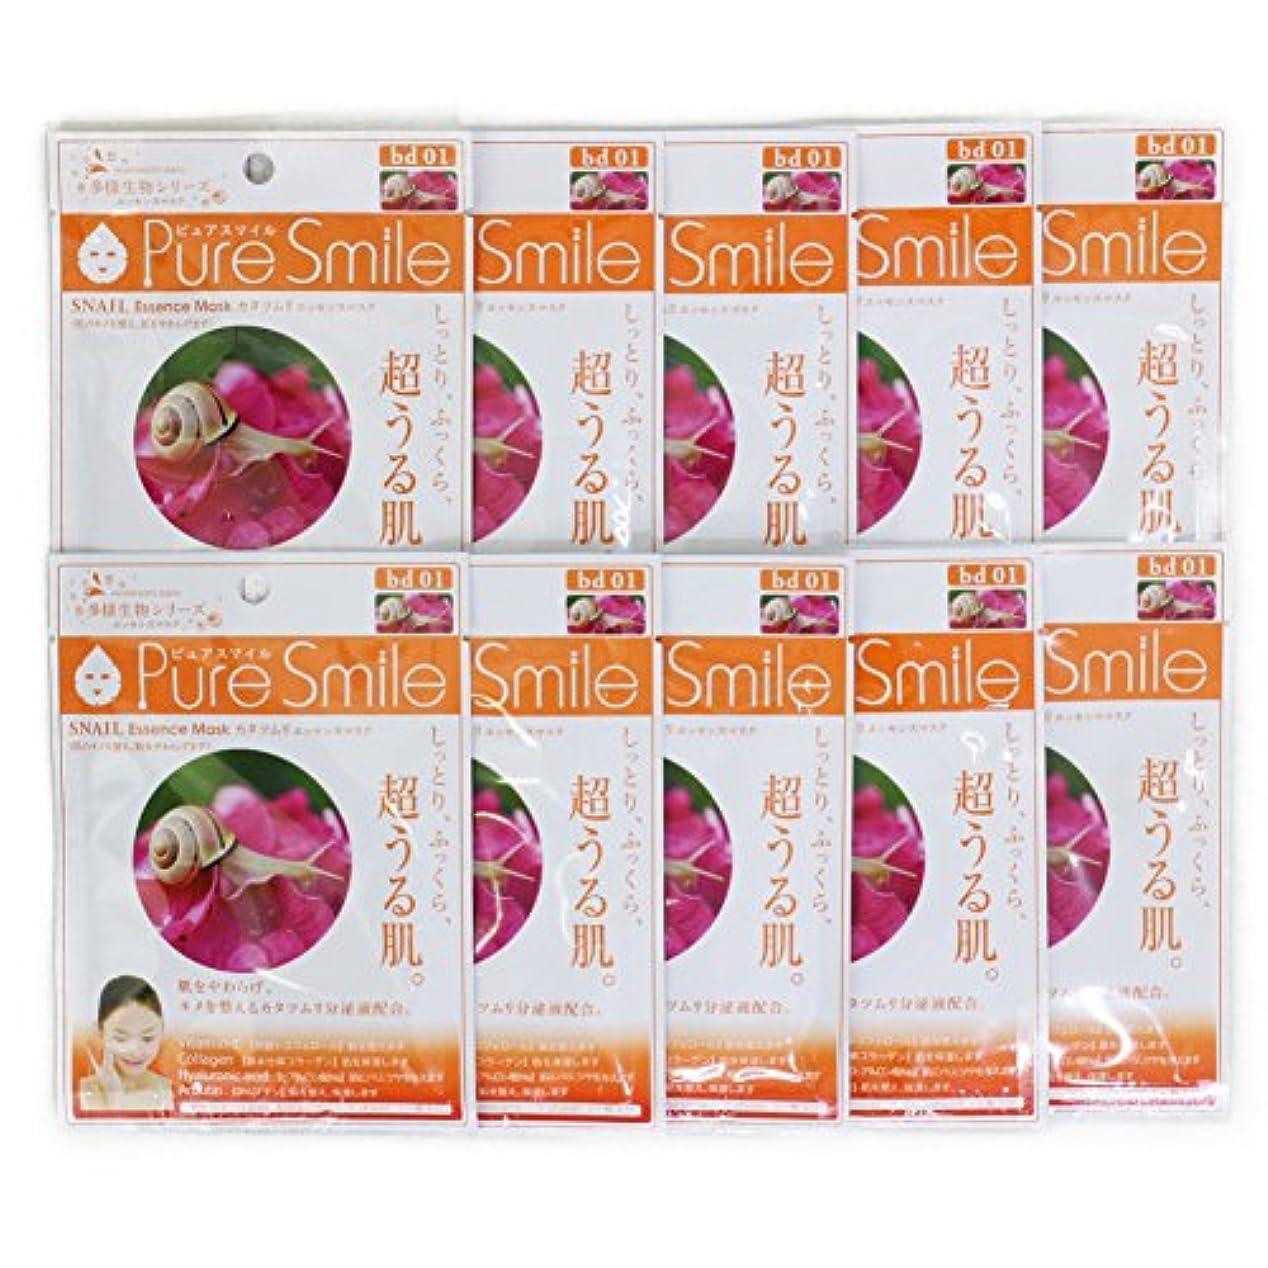 ヒール城禁輸Pure Smile ピュアスマイル 多様生物エッセンスマスク カタツムリ 10枚セット